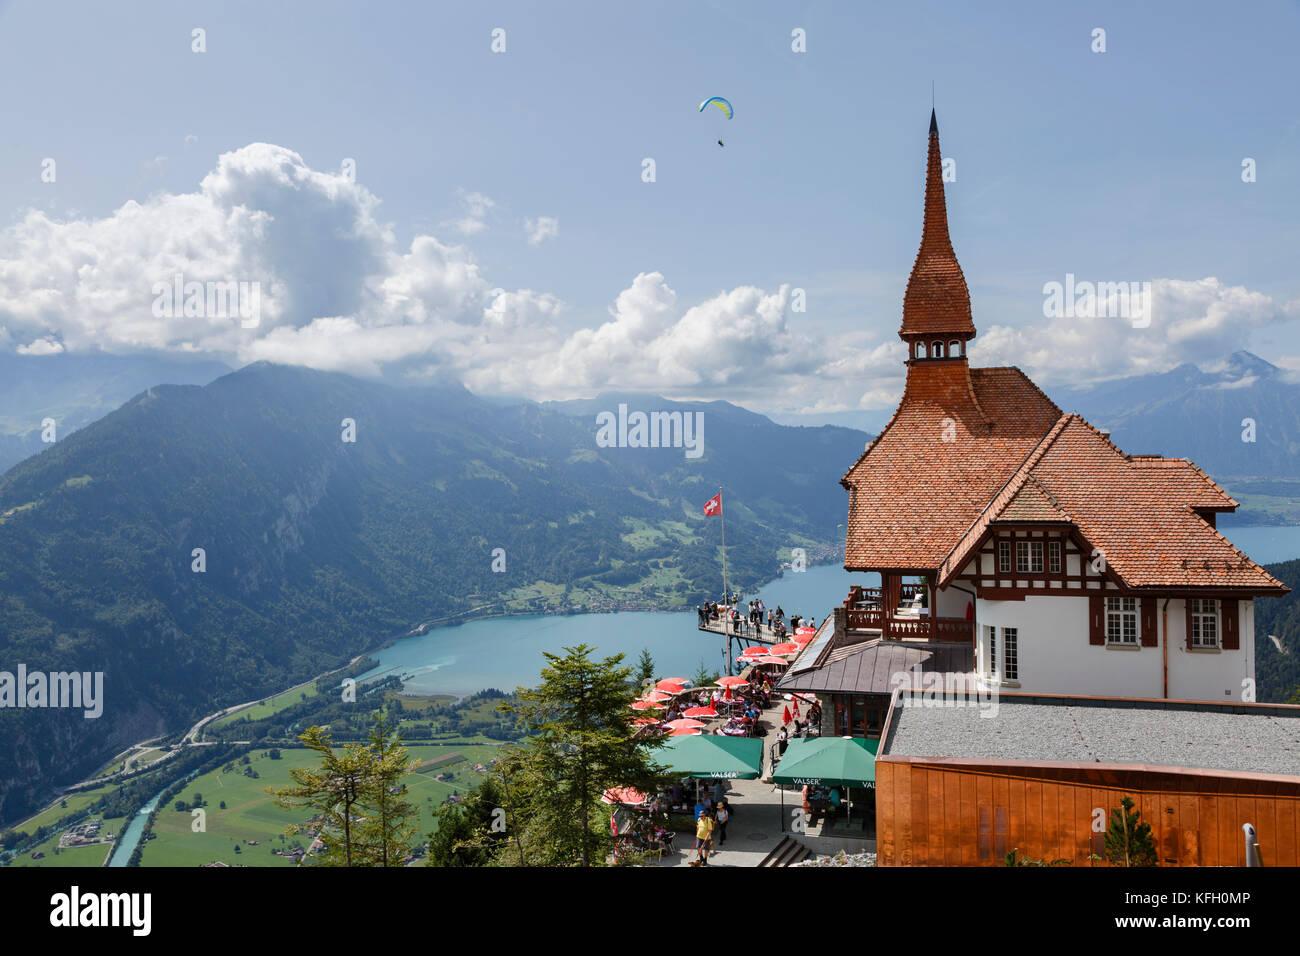 Harder Kulm and view to Lake Thun, Interlaken, Switzerland - Stock Image